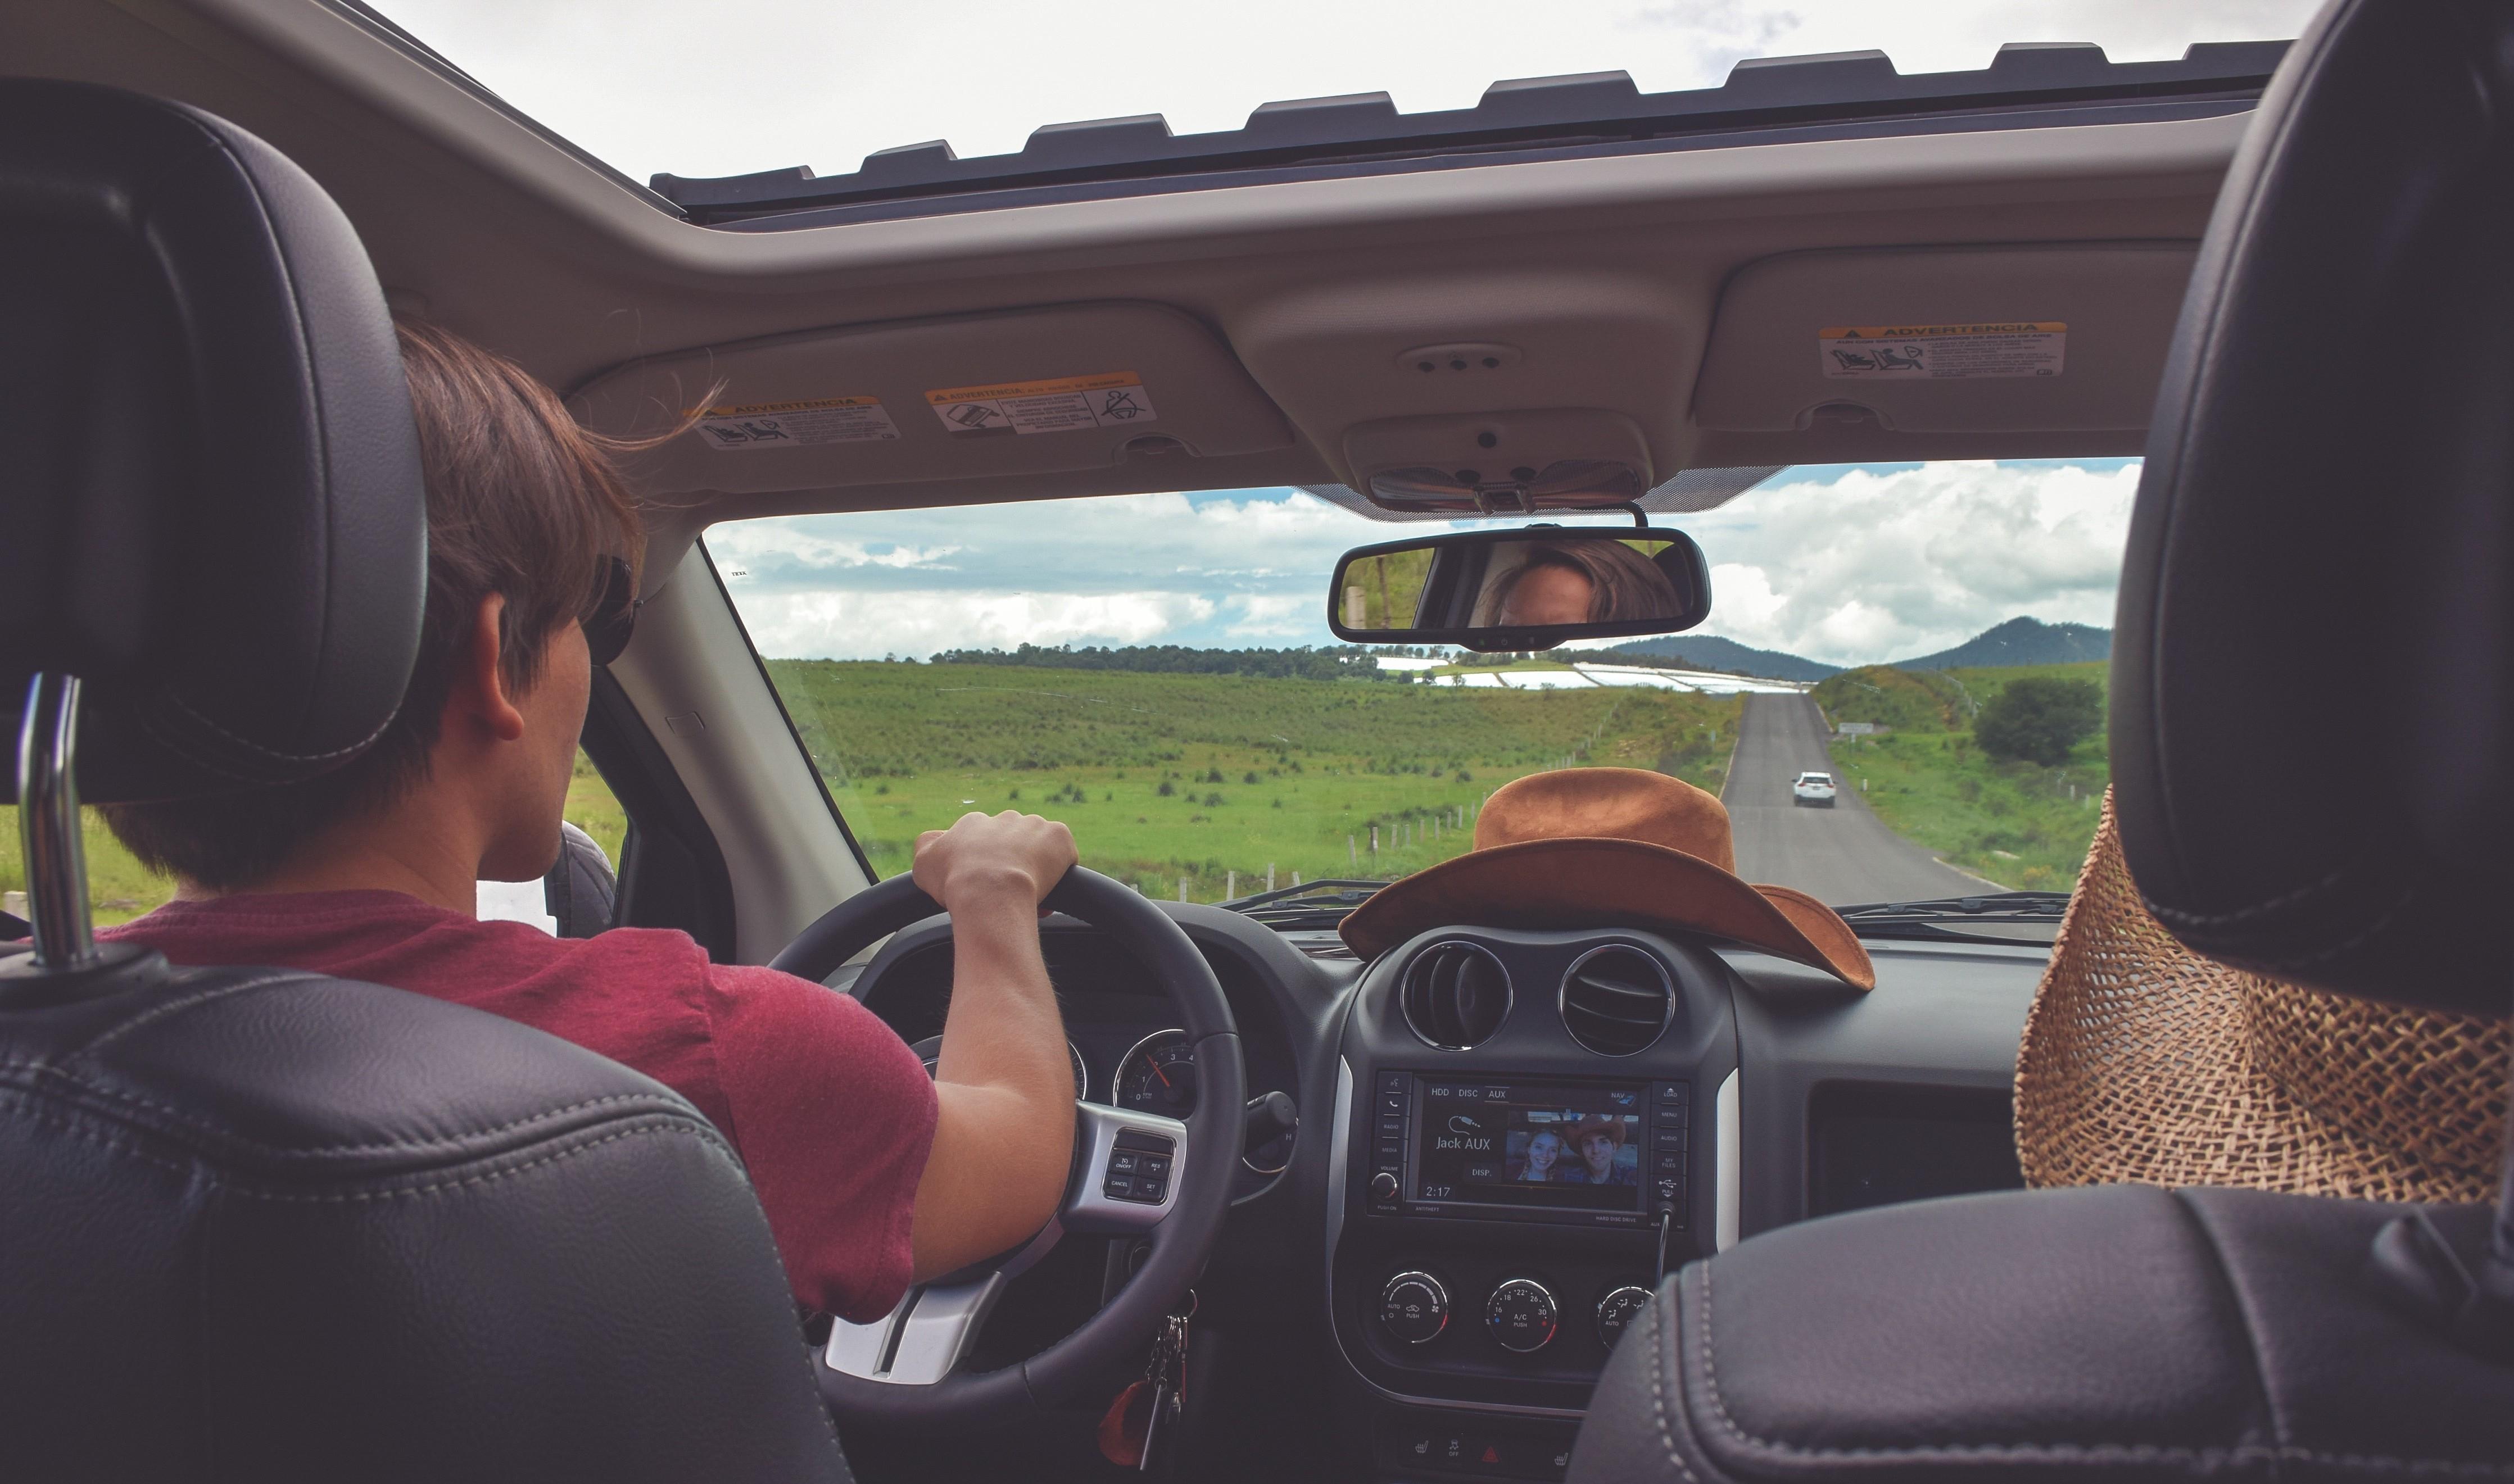 Conduce con seguridad: tu vida depende de ello